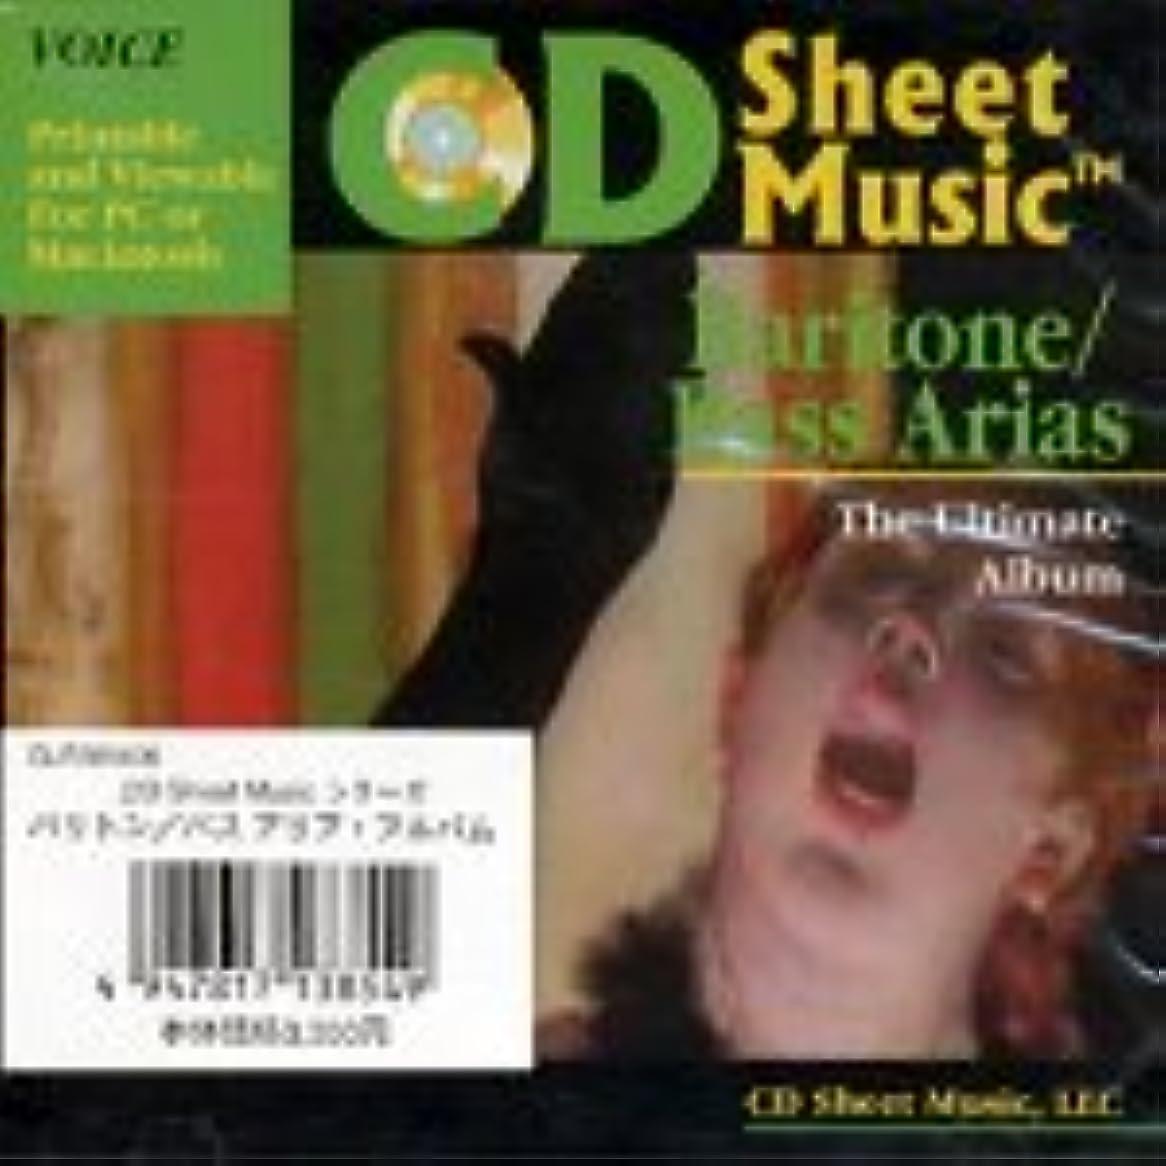 ビデオどうしたの観客CD Sheet Music バリトン/バス?アリア?アルバム